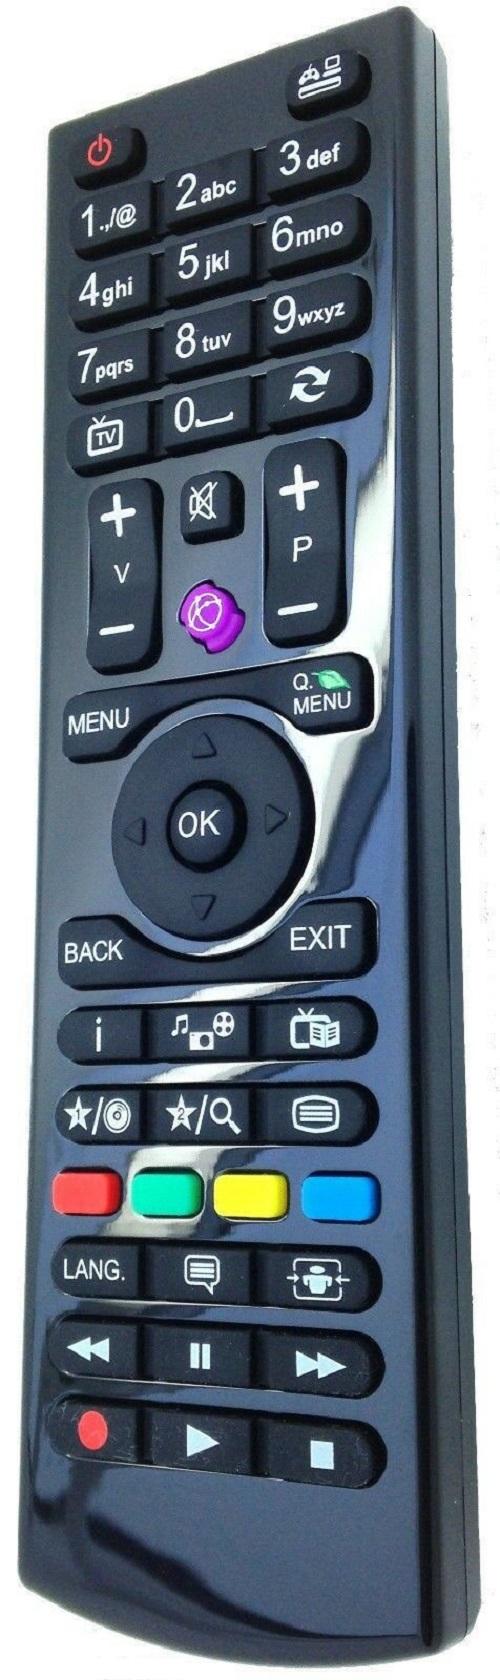 New Remote Control for TV Techwood 32AO2B 40AO2B 50AO2B 32A02B 40A02B 50A02B